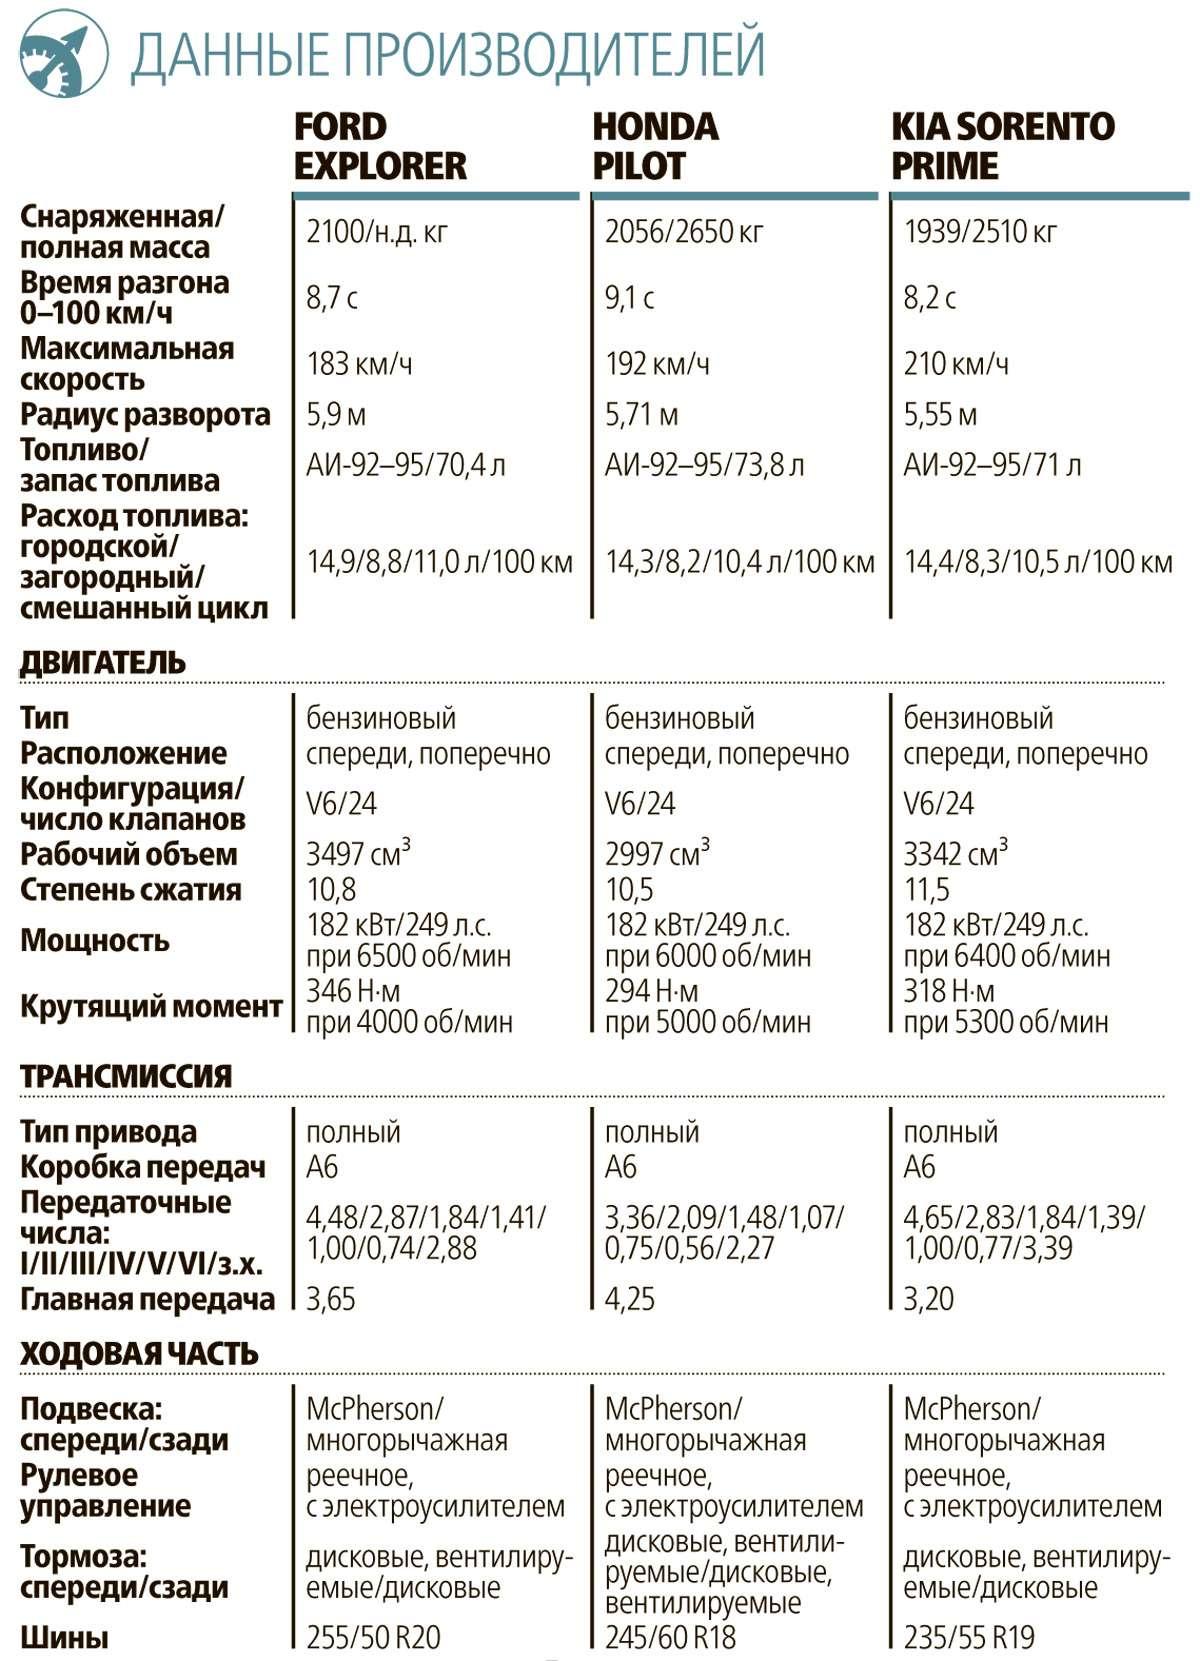 Тест полноразмерных кроссоверов: Honda Pilot, Kia Sorento Prime иFord Explorer— фото 615279